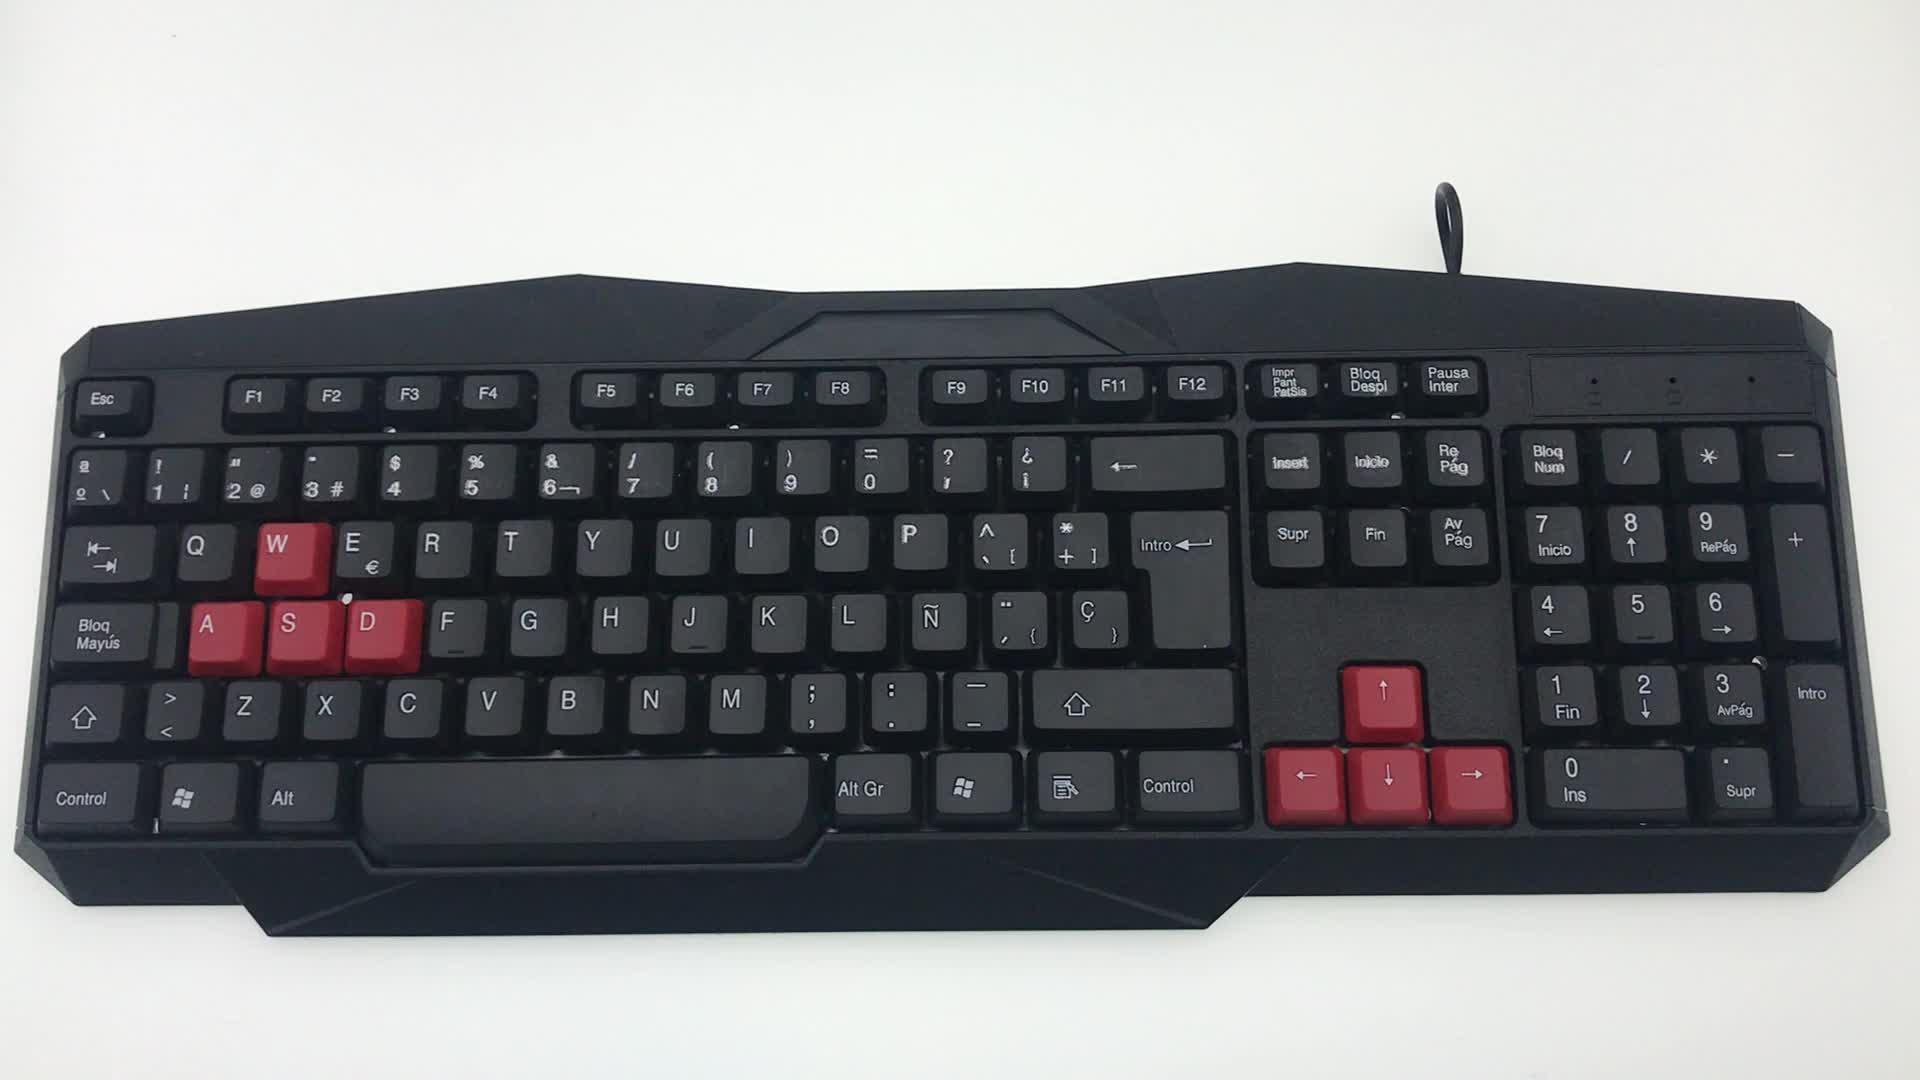 2020 뜨거운 무선 키보드 및 마우스 콤보 게이밍 게이머 데스크탑 컴퓨터 저렴한 공장 가격 2.4G OEM 컬러 키보드 마우스